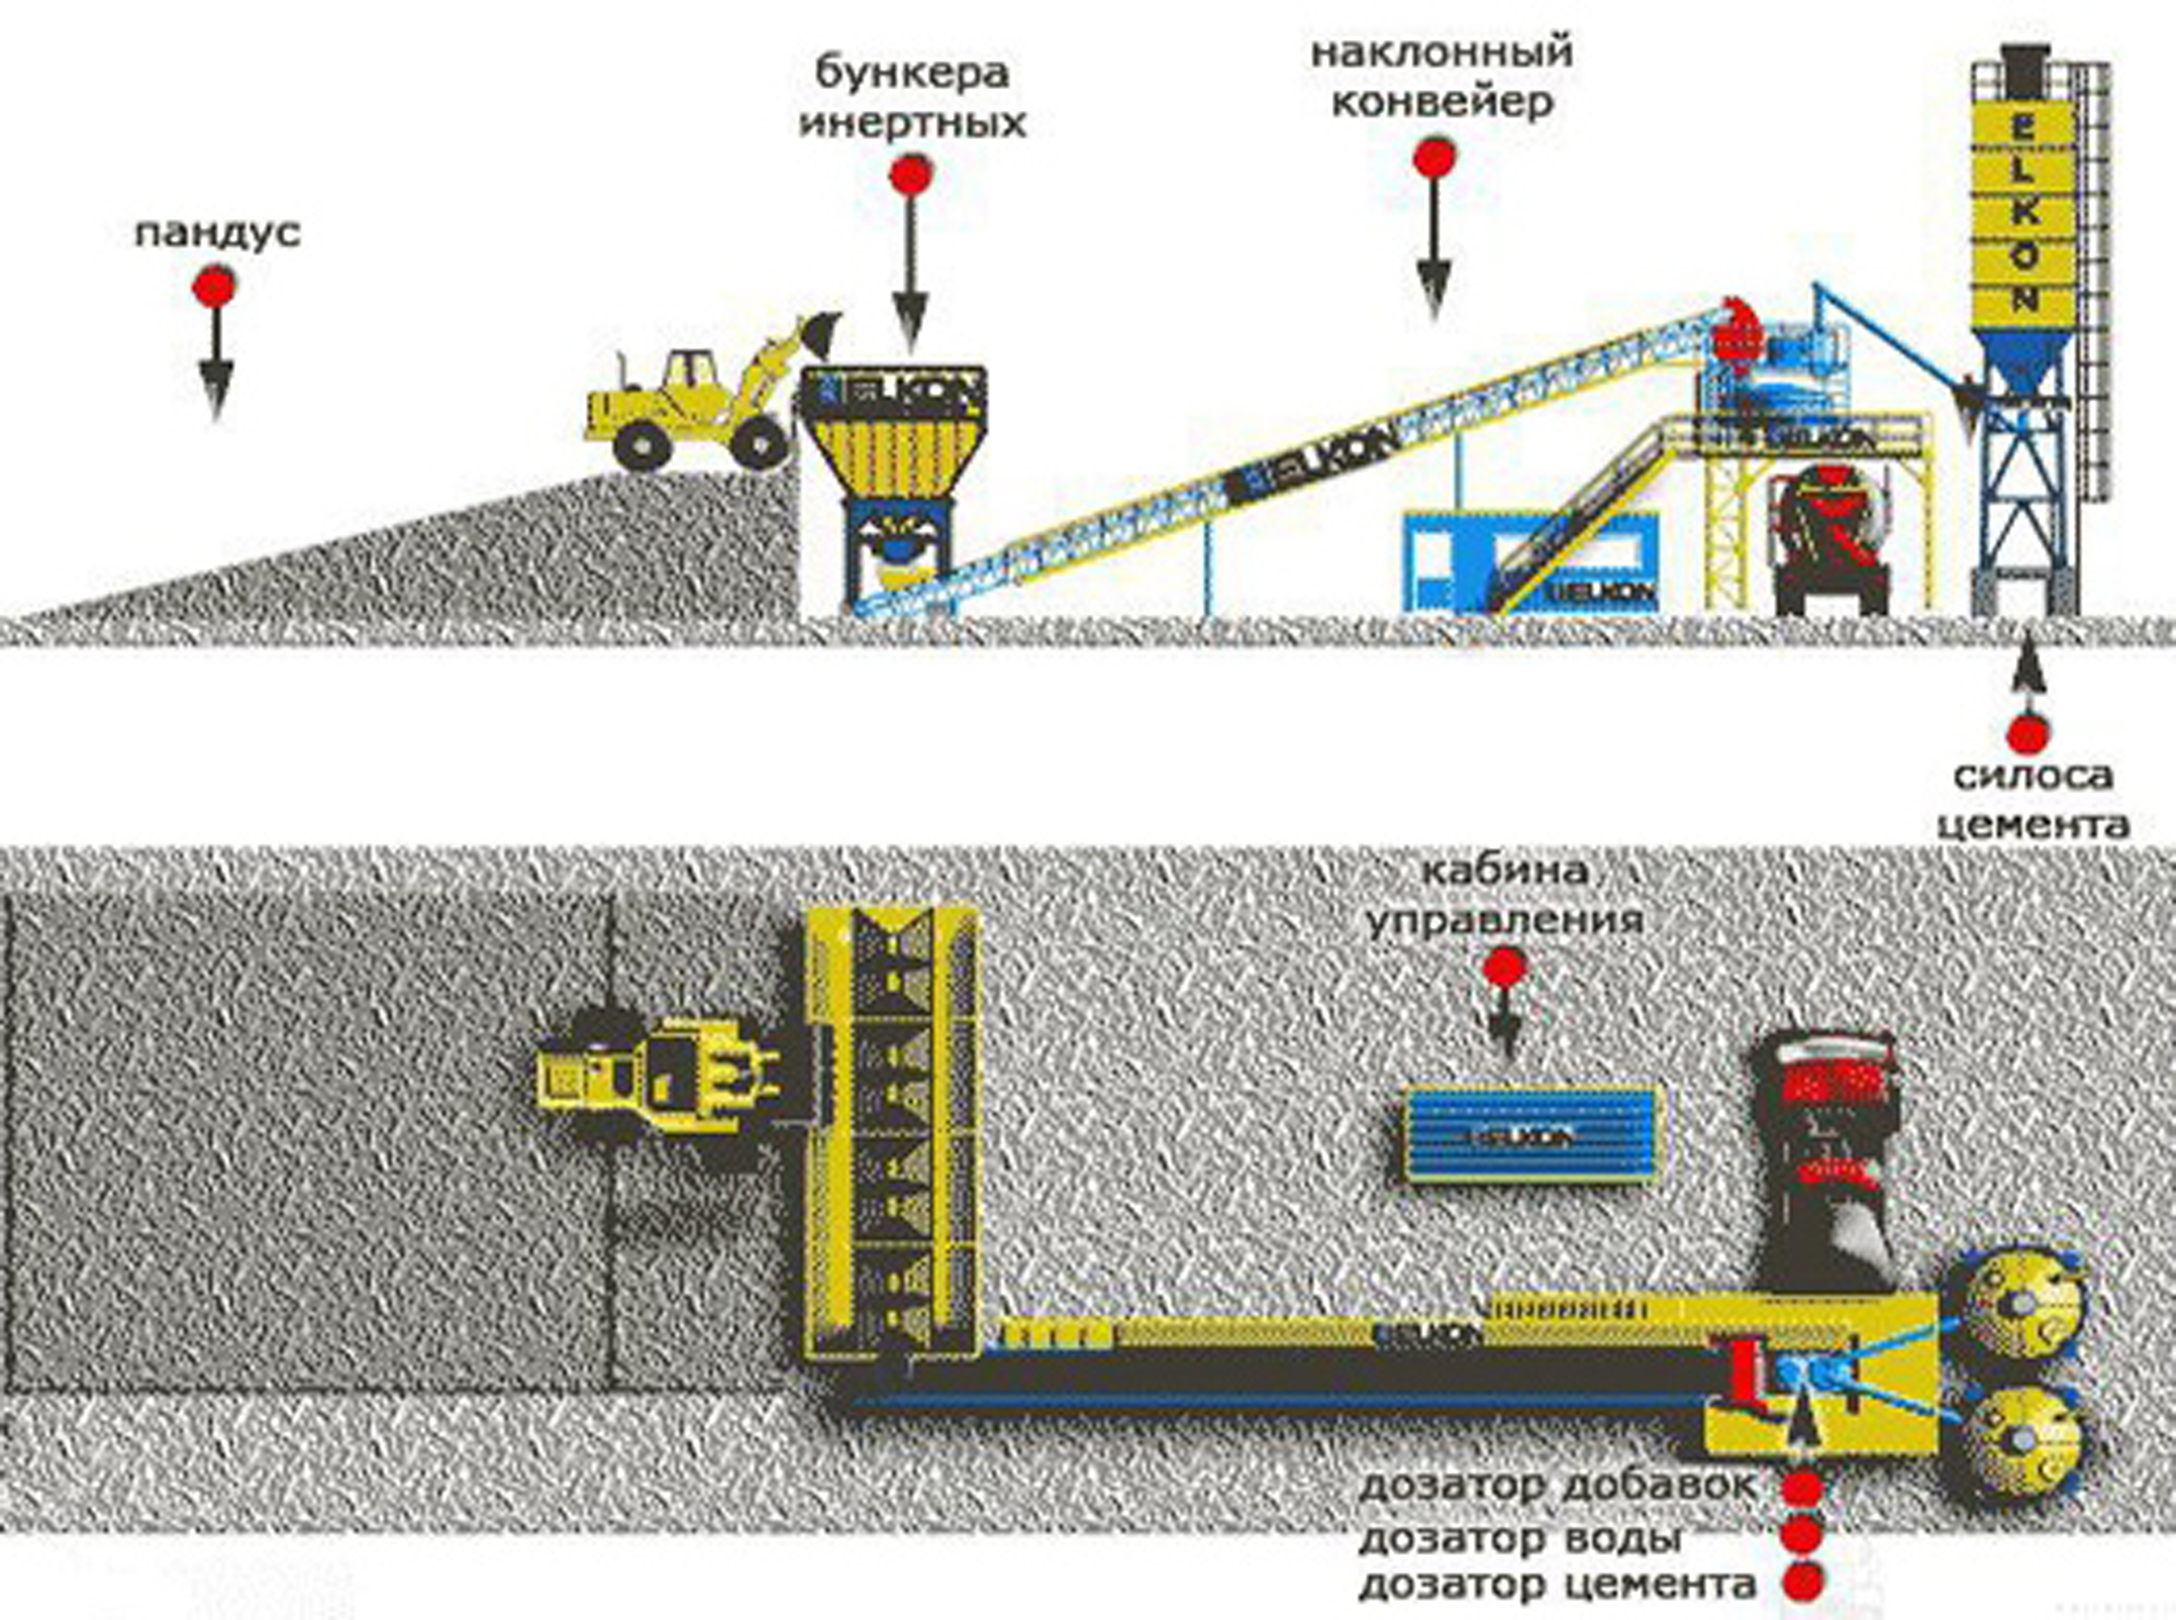 Несколько видов оборудования для организации успешного бизнеса по производству бетона.